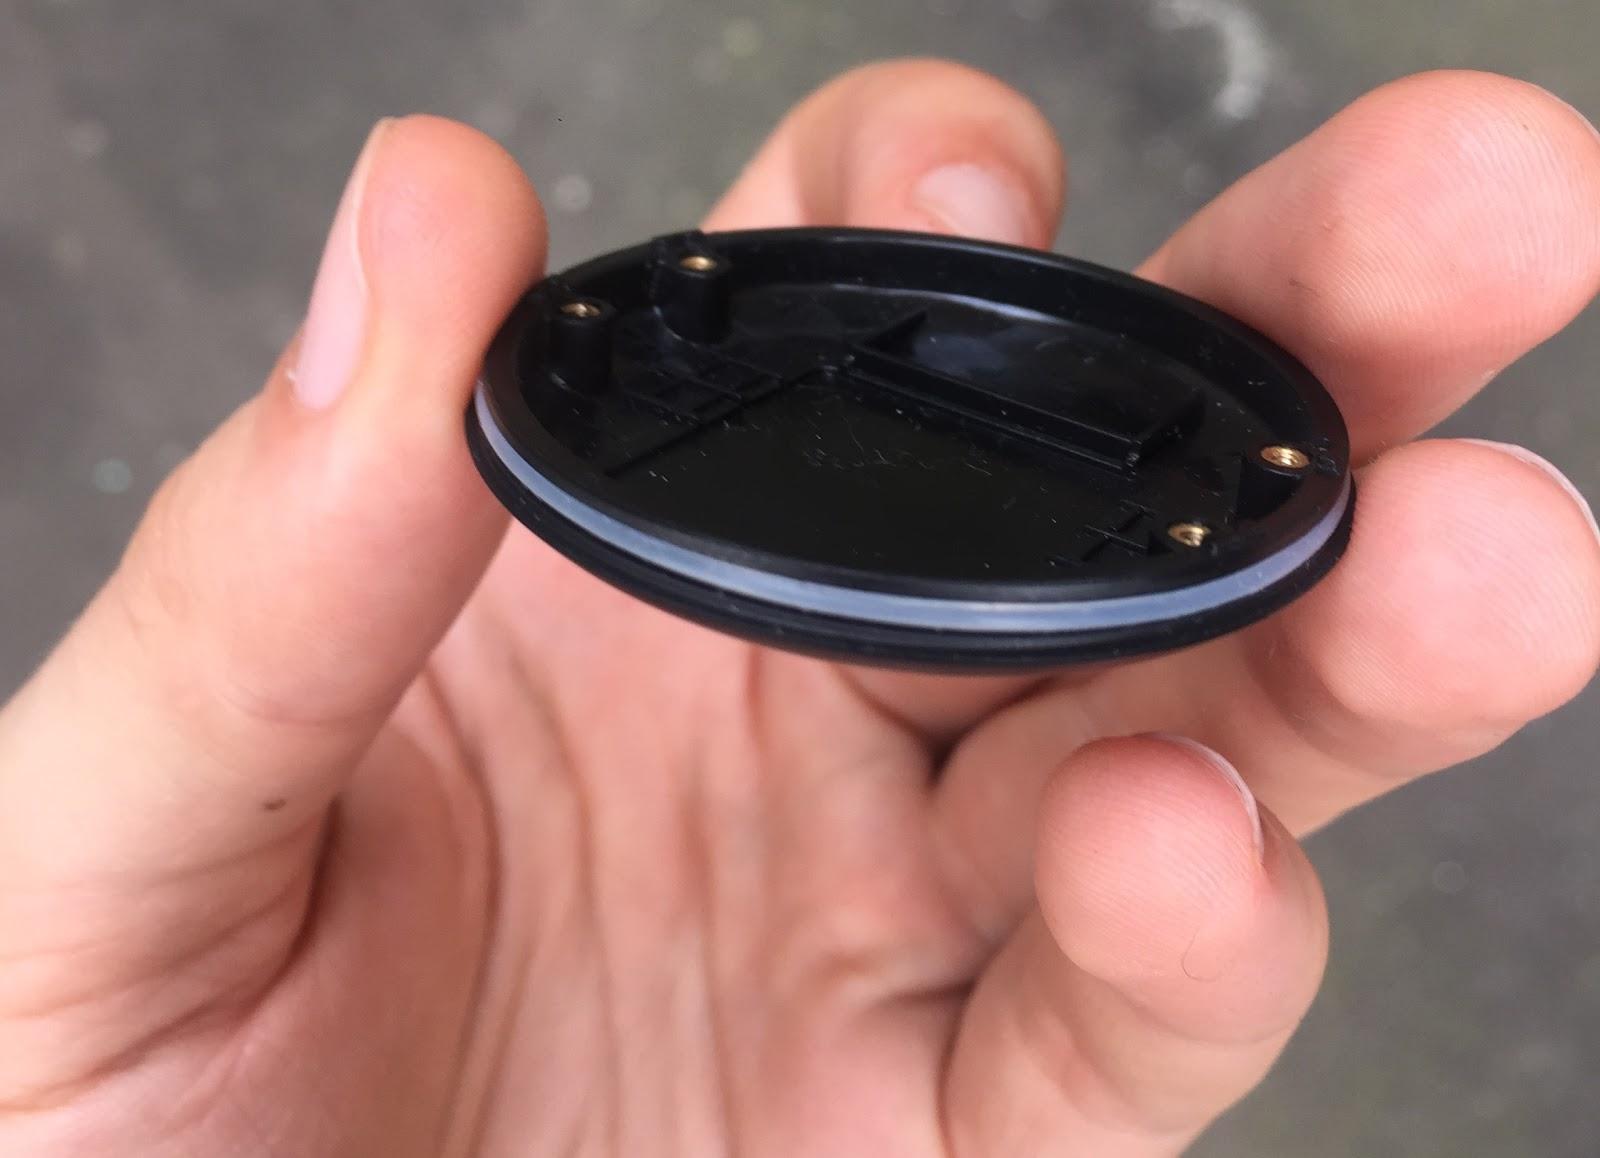 Кастомная GPS-антенна, SIM-чип, процессор и 8Мб памяти: из чего сделан умный собачий ошейник Mishiko - 9